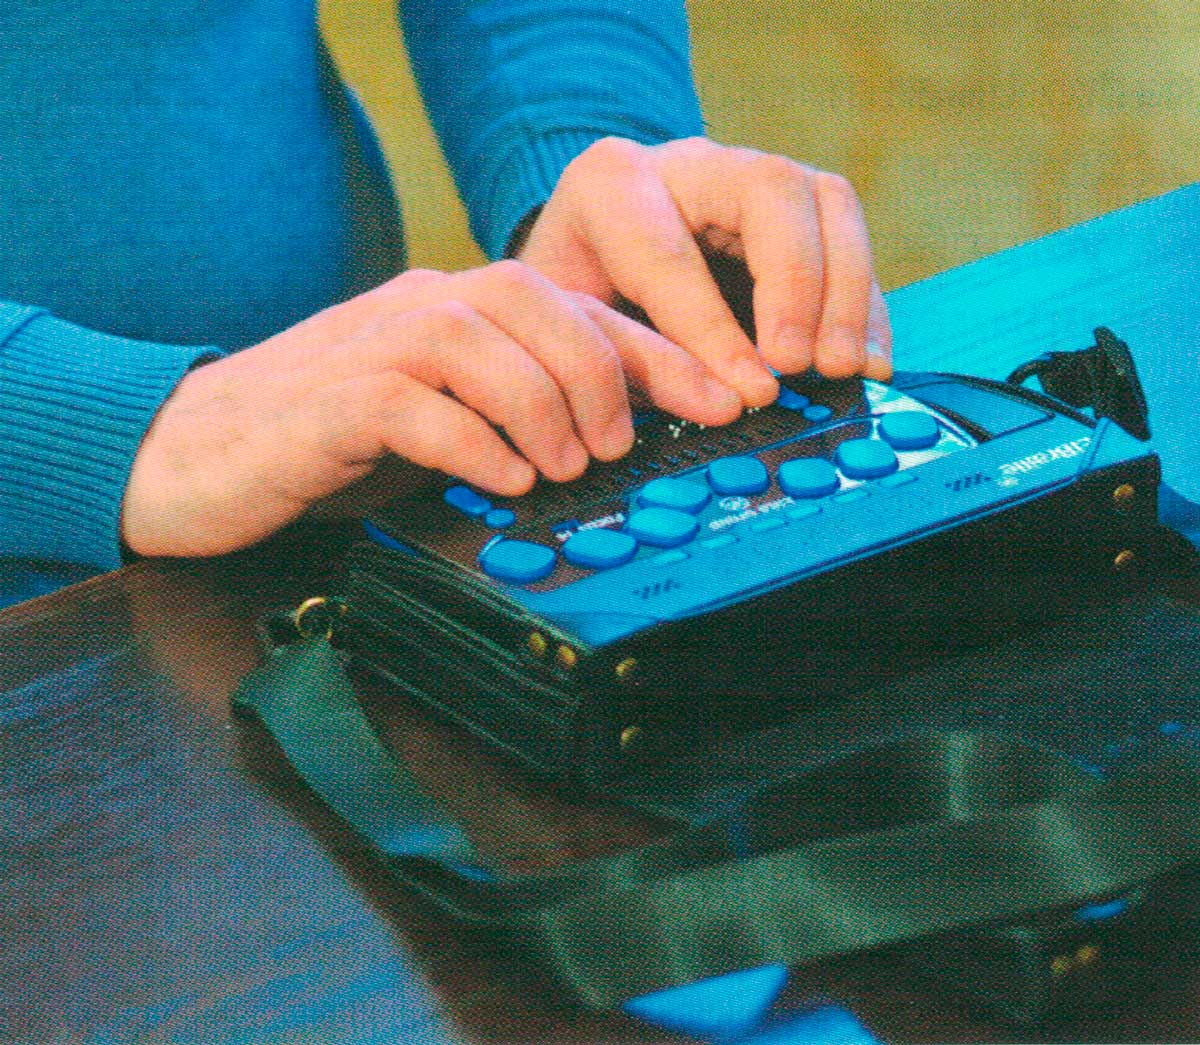 Портативный компьютер с вводом/выводом шрифтом Брайля и синтезатором речи